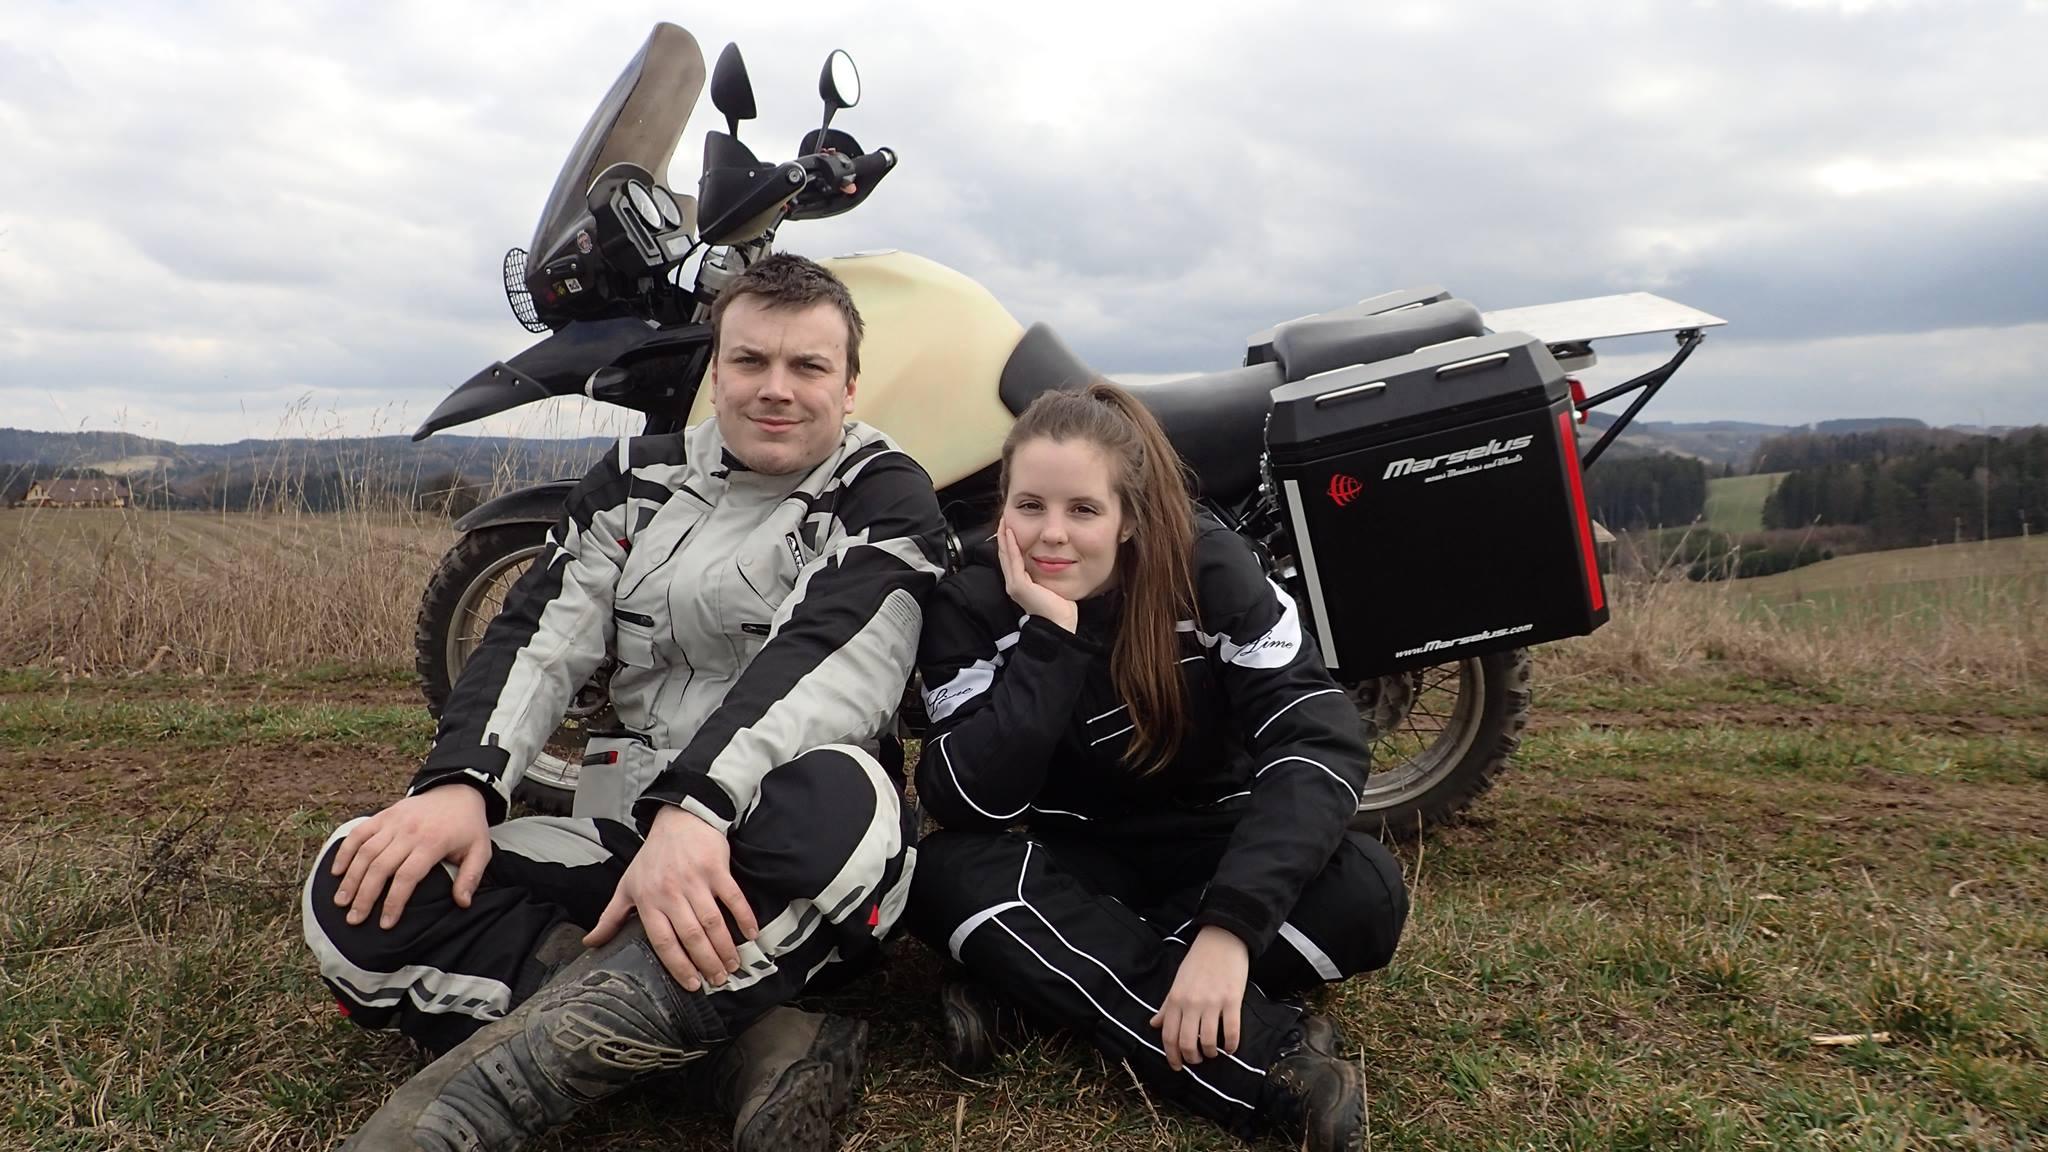 Přestaňte se bát a jděte za svými sny, vzkazuje duo WayAway, které vyráží na motorkách na cestu kolem světa